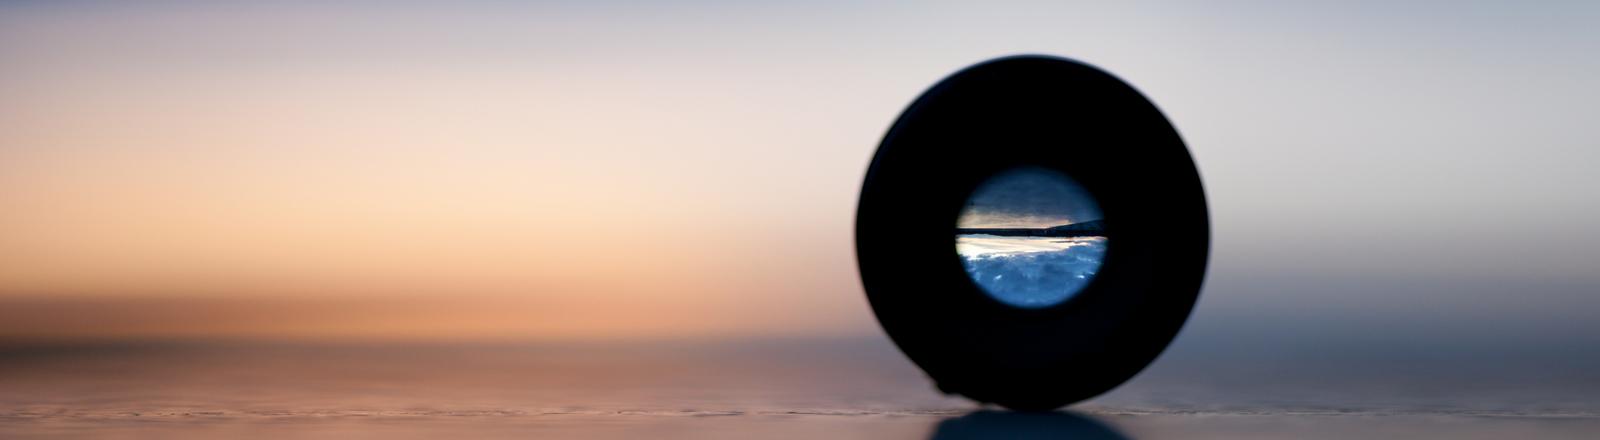 Ein Teleskop liegt auf dem Boden, den Horizont sieht man durch das Guckloch scharf.